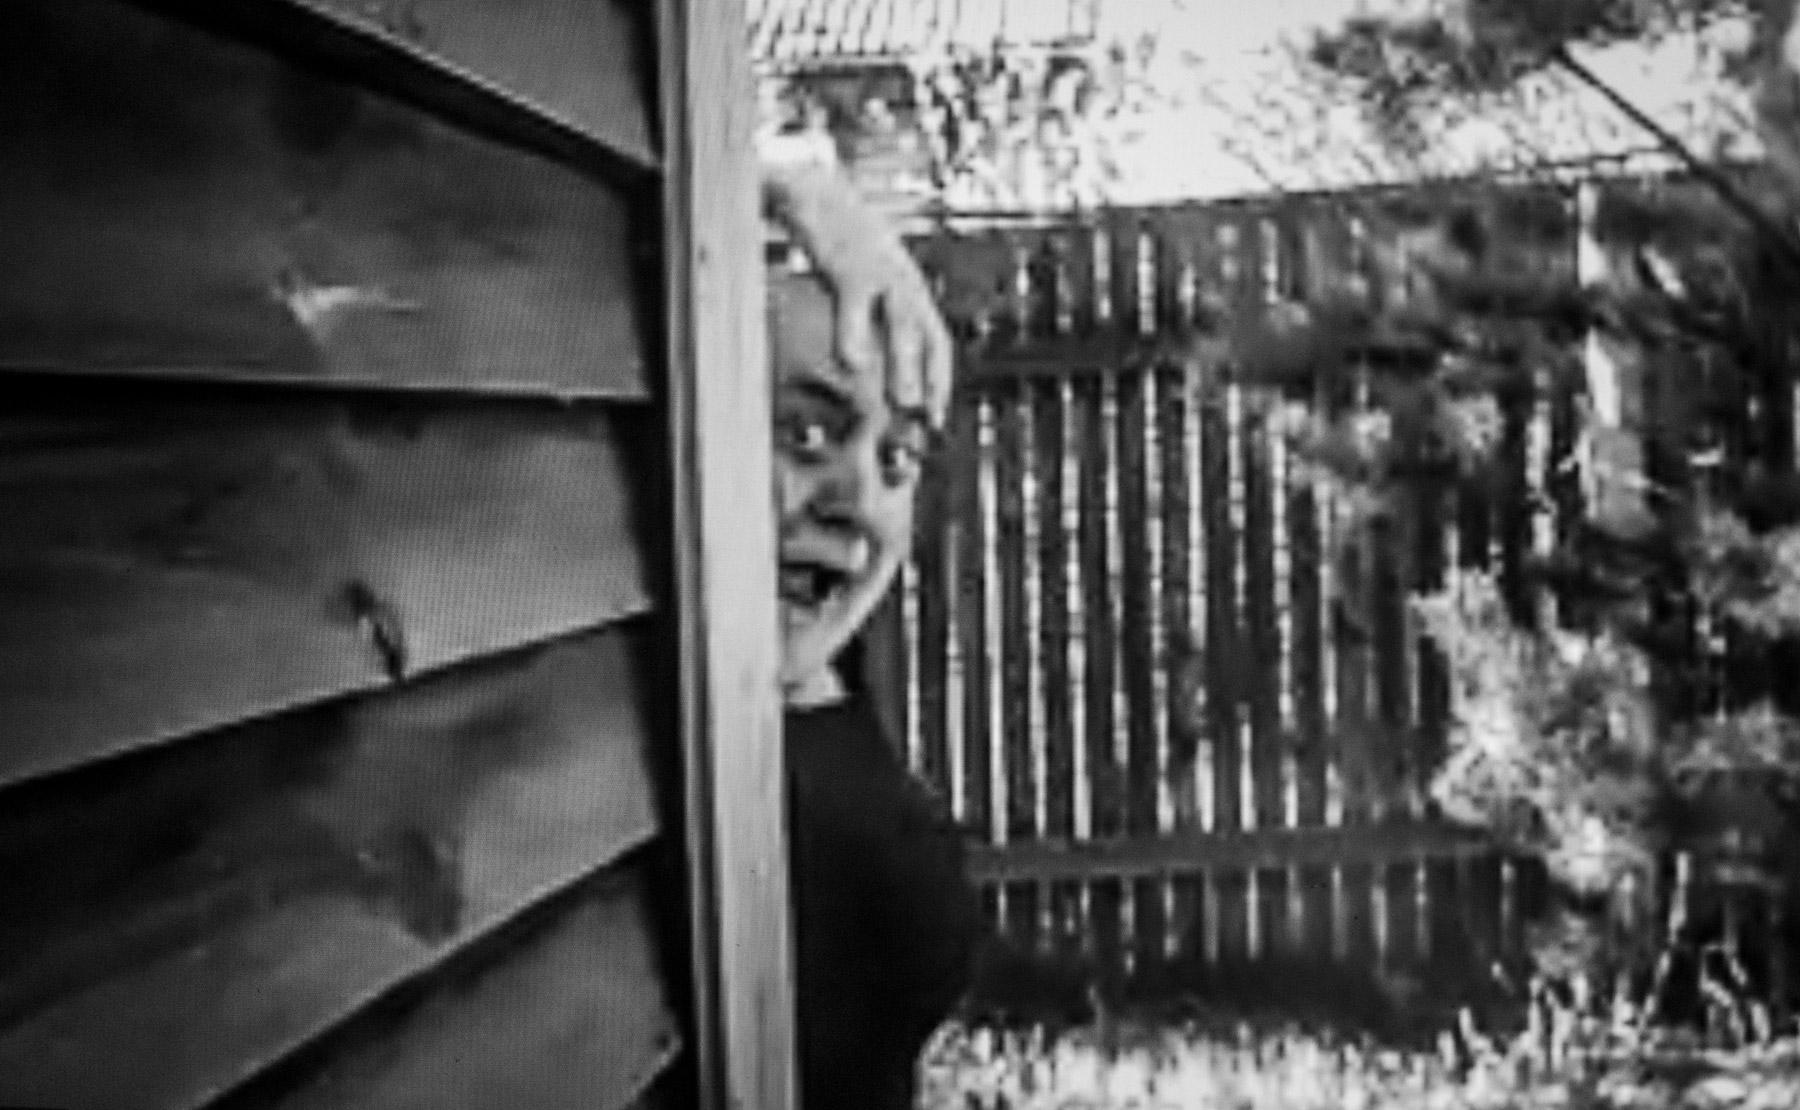 Владимир Мирзоев: «Человек оказался наантропологической или наэкзистенциальной границе». Фото: Александра Астахова